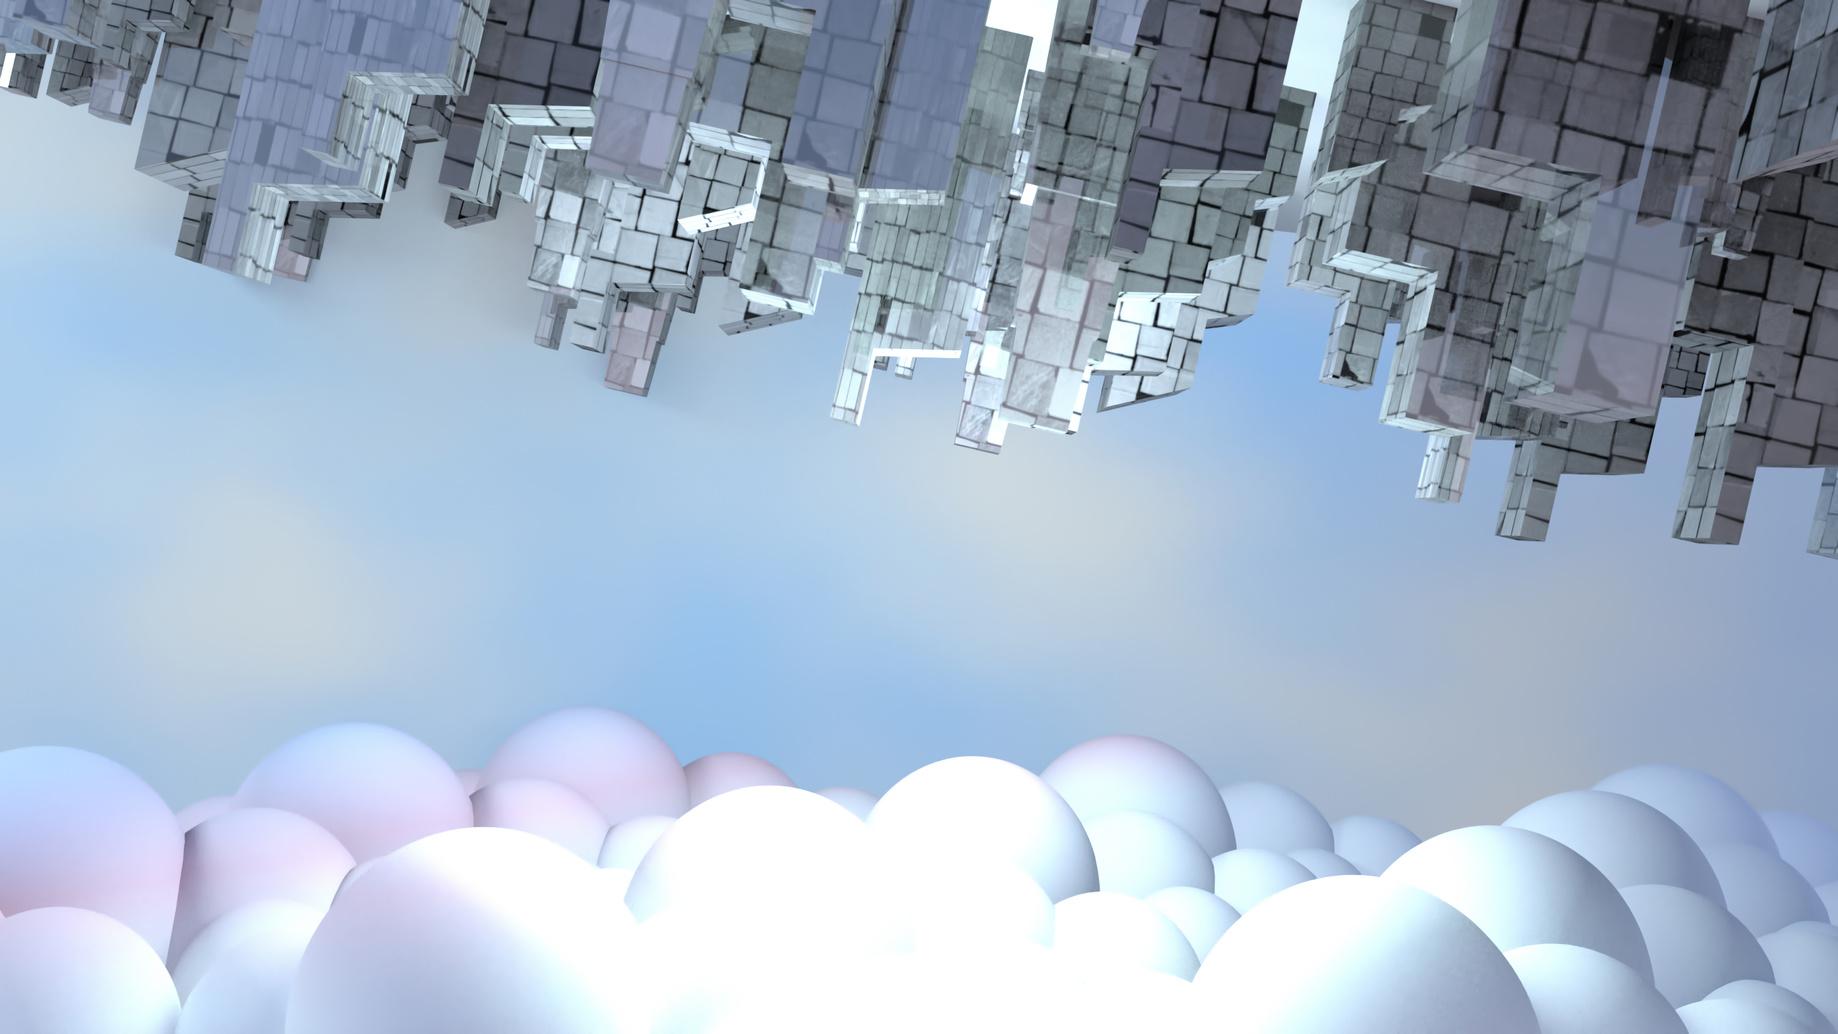 Pensamento #22 — O mundo de ponta-cabeça